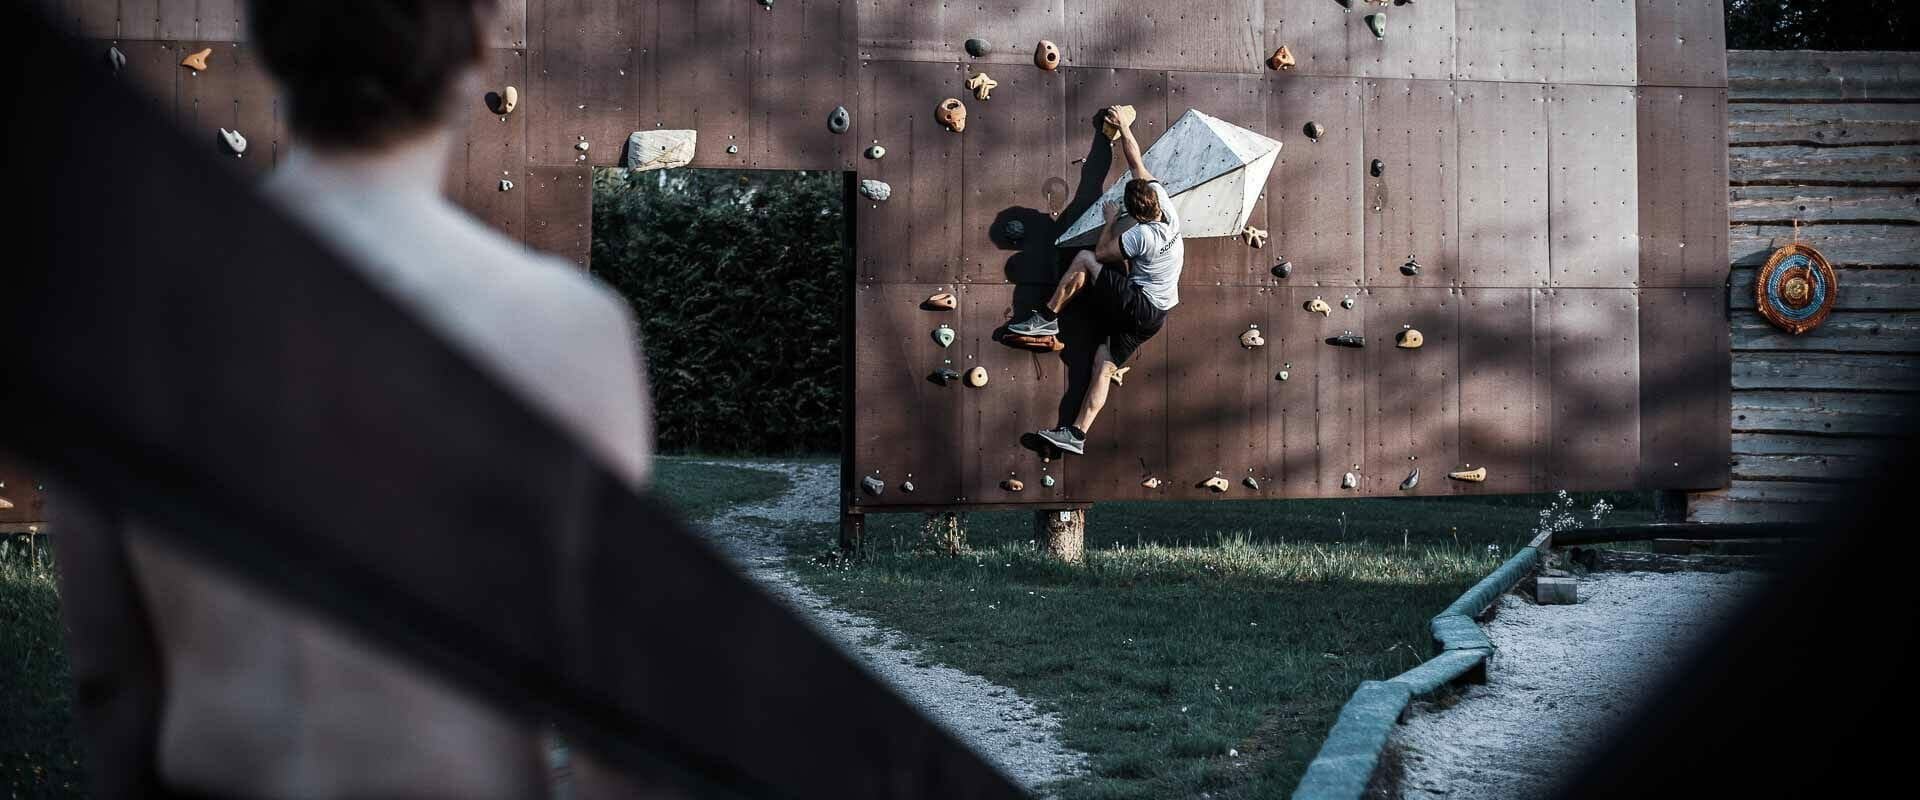 Outdoor-Kletterwand